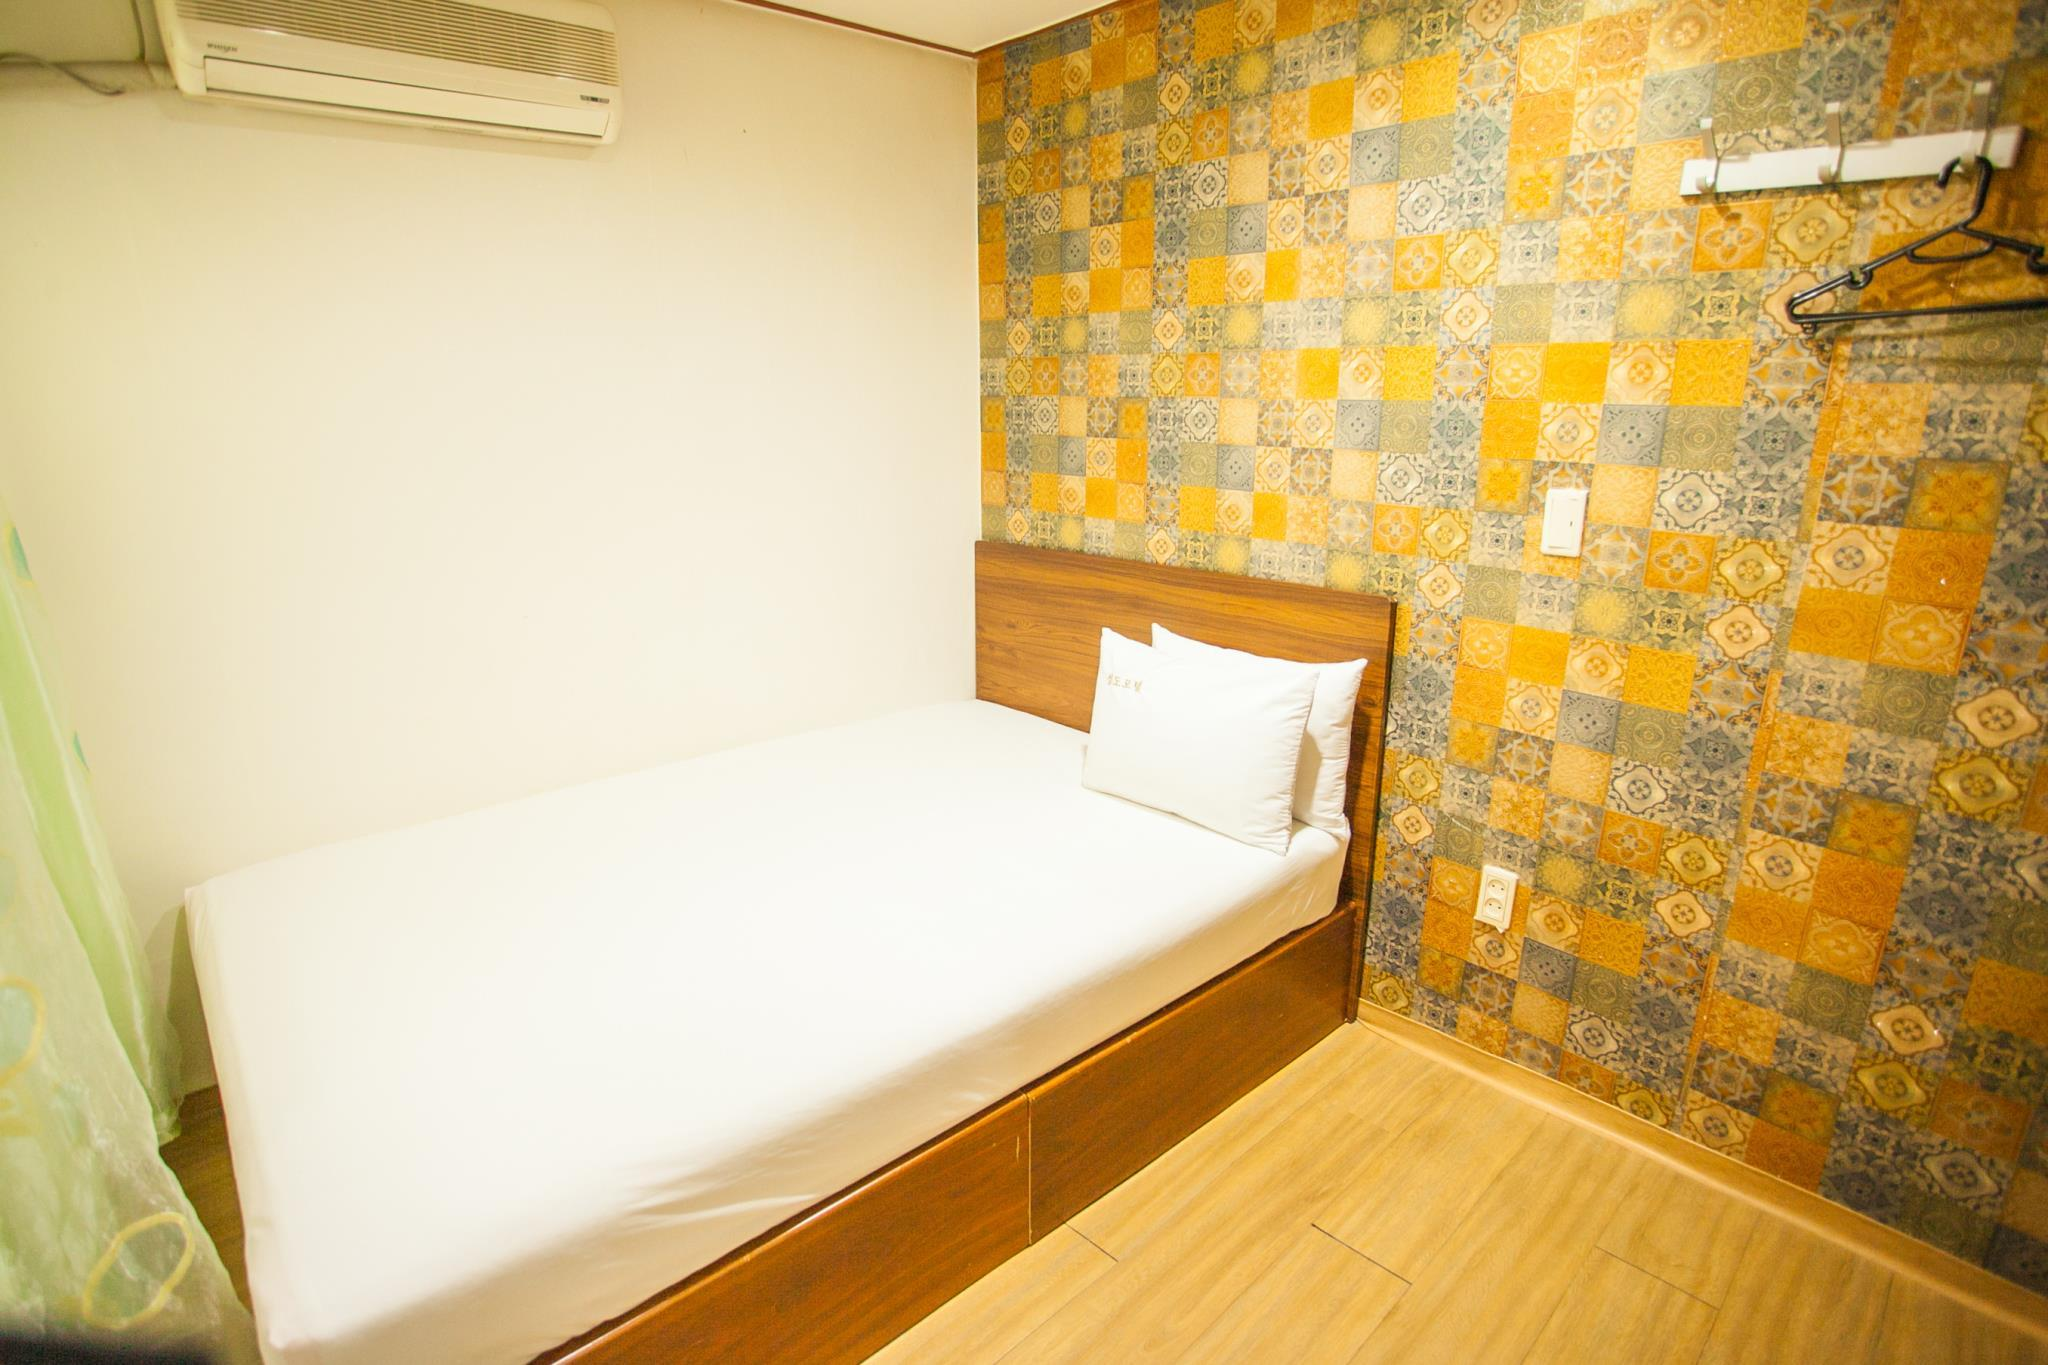 Sungdo Motel